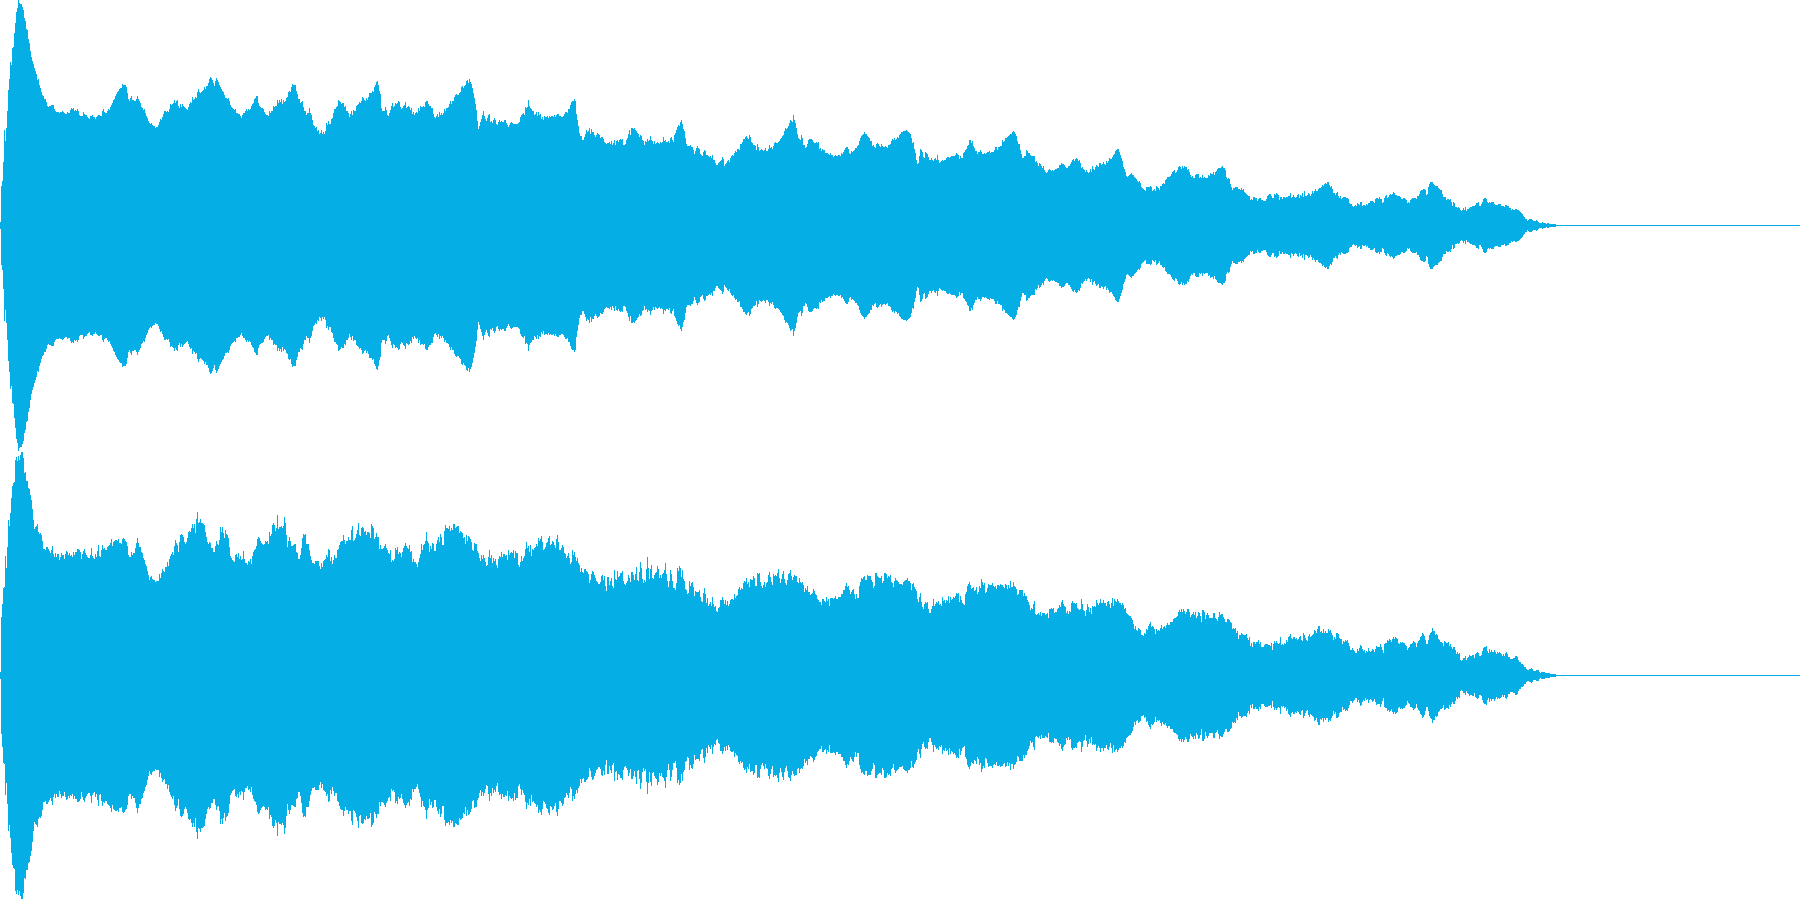 ウーウウウー (精霊の声)の再生済みの波形